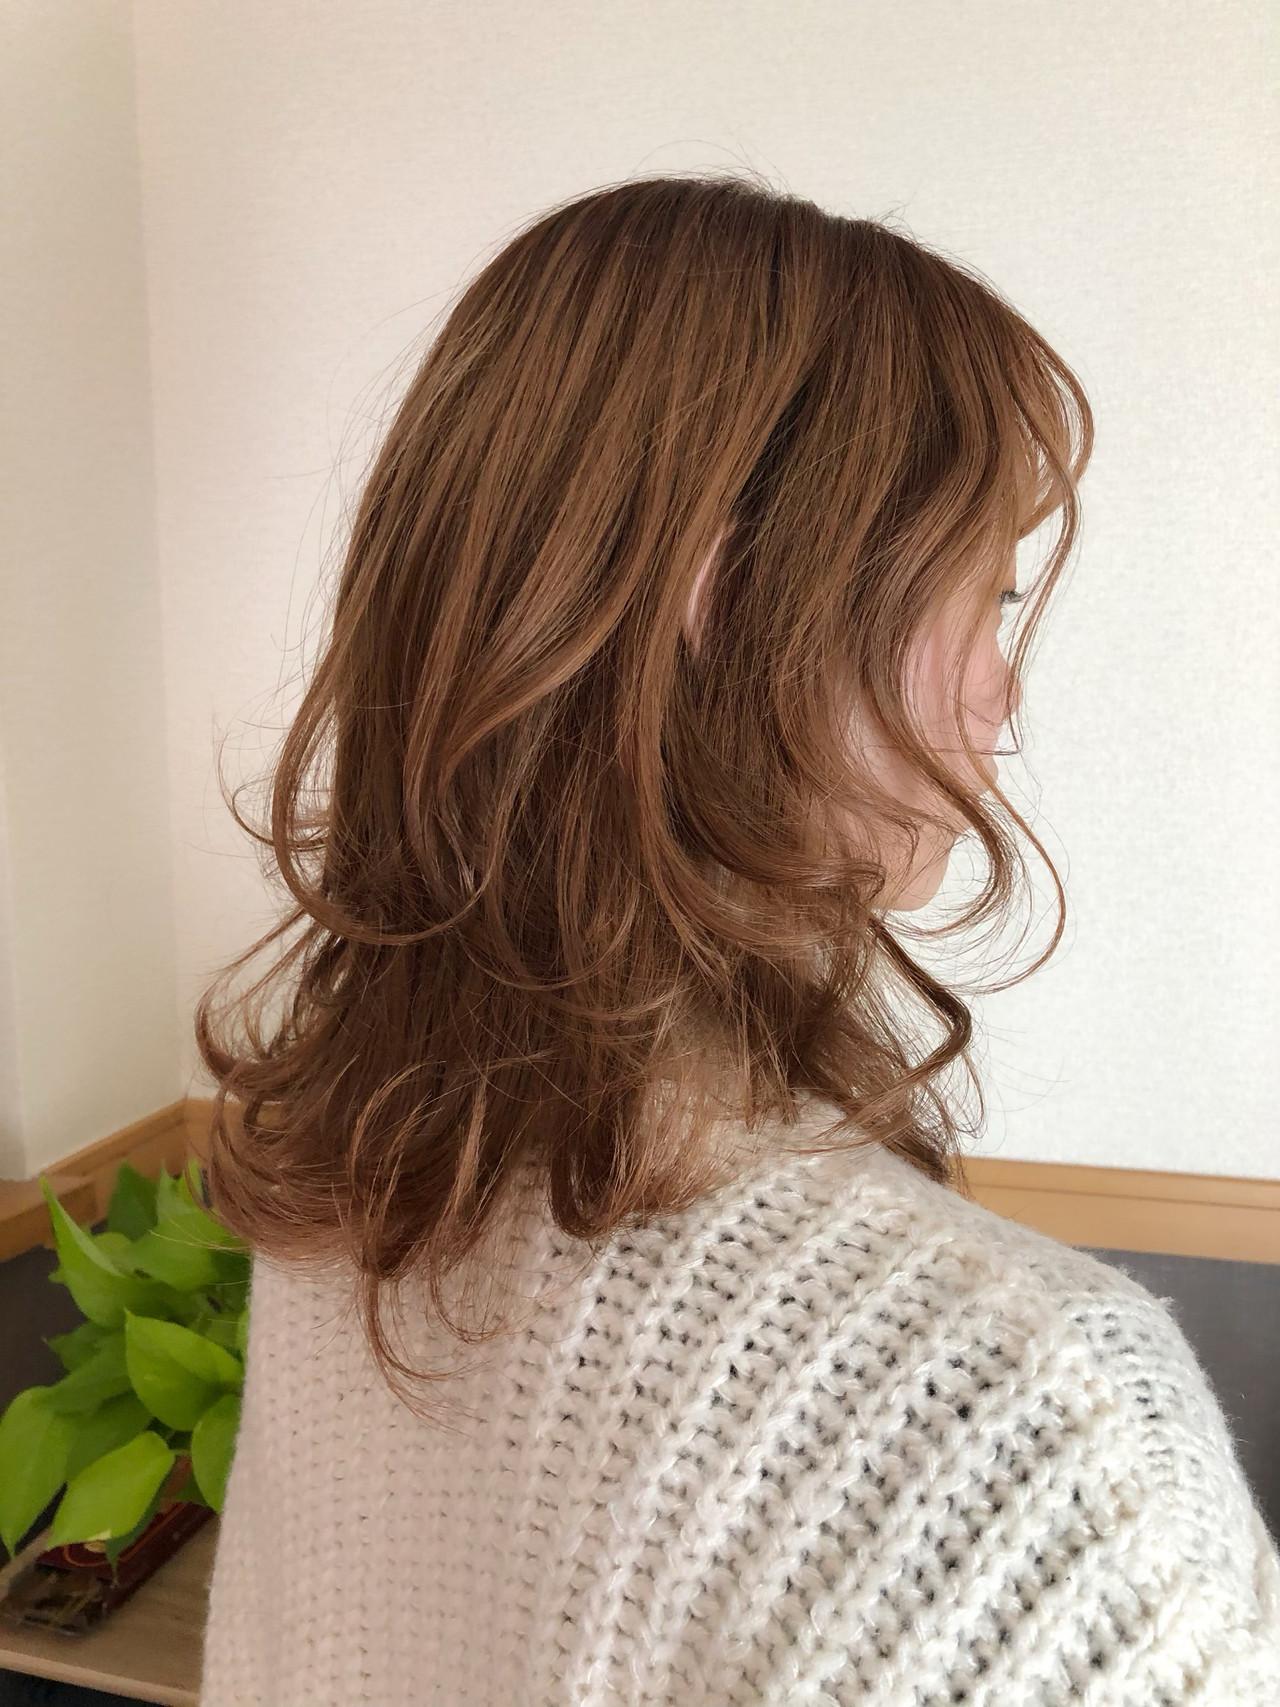 ウルフカット レイヤーカット レイヤースタイル フェミニン ヘアスタイルや髪型の写真・画像